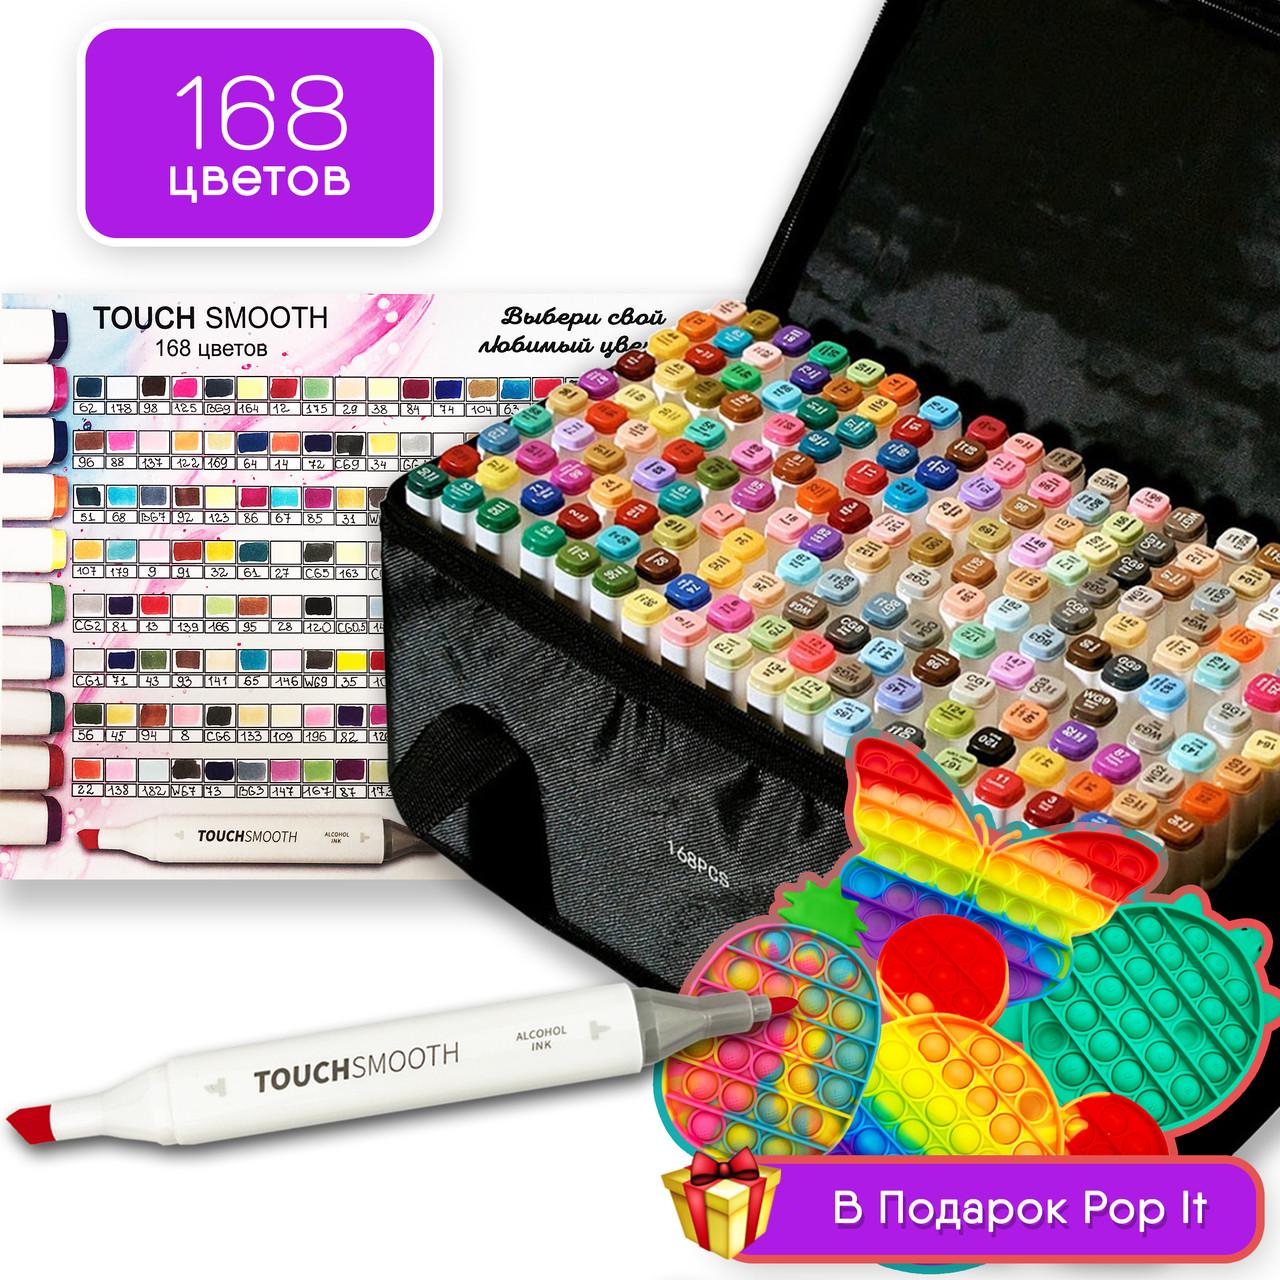 Набор двусторонних маркеров Touch Smooth для рисования и скетчинга 168 шт + ПОП ИТ